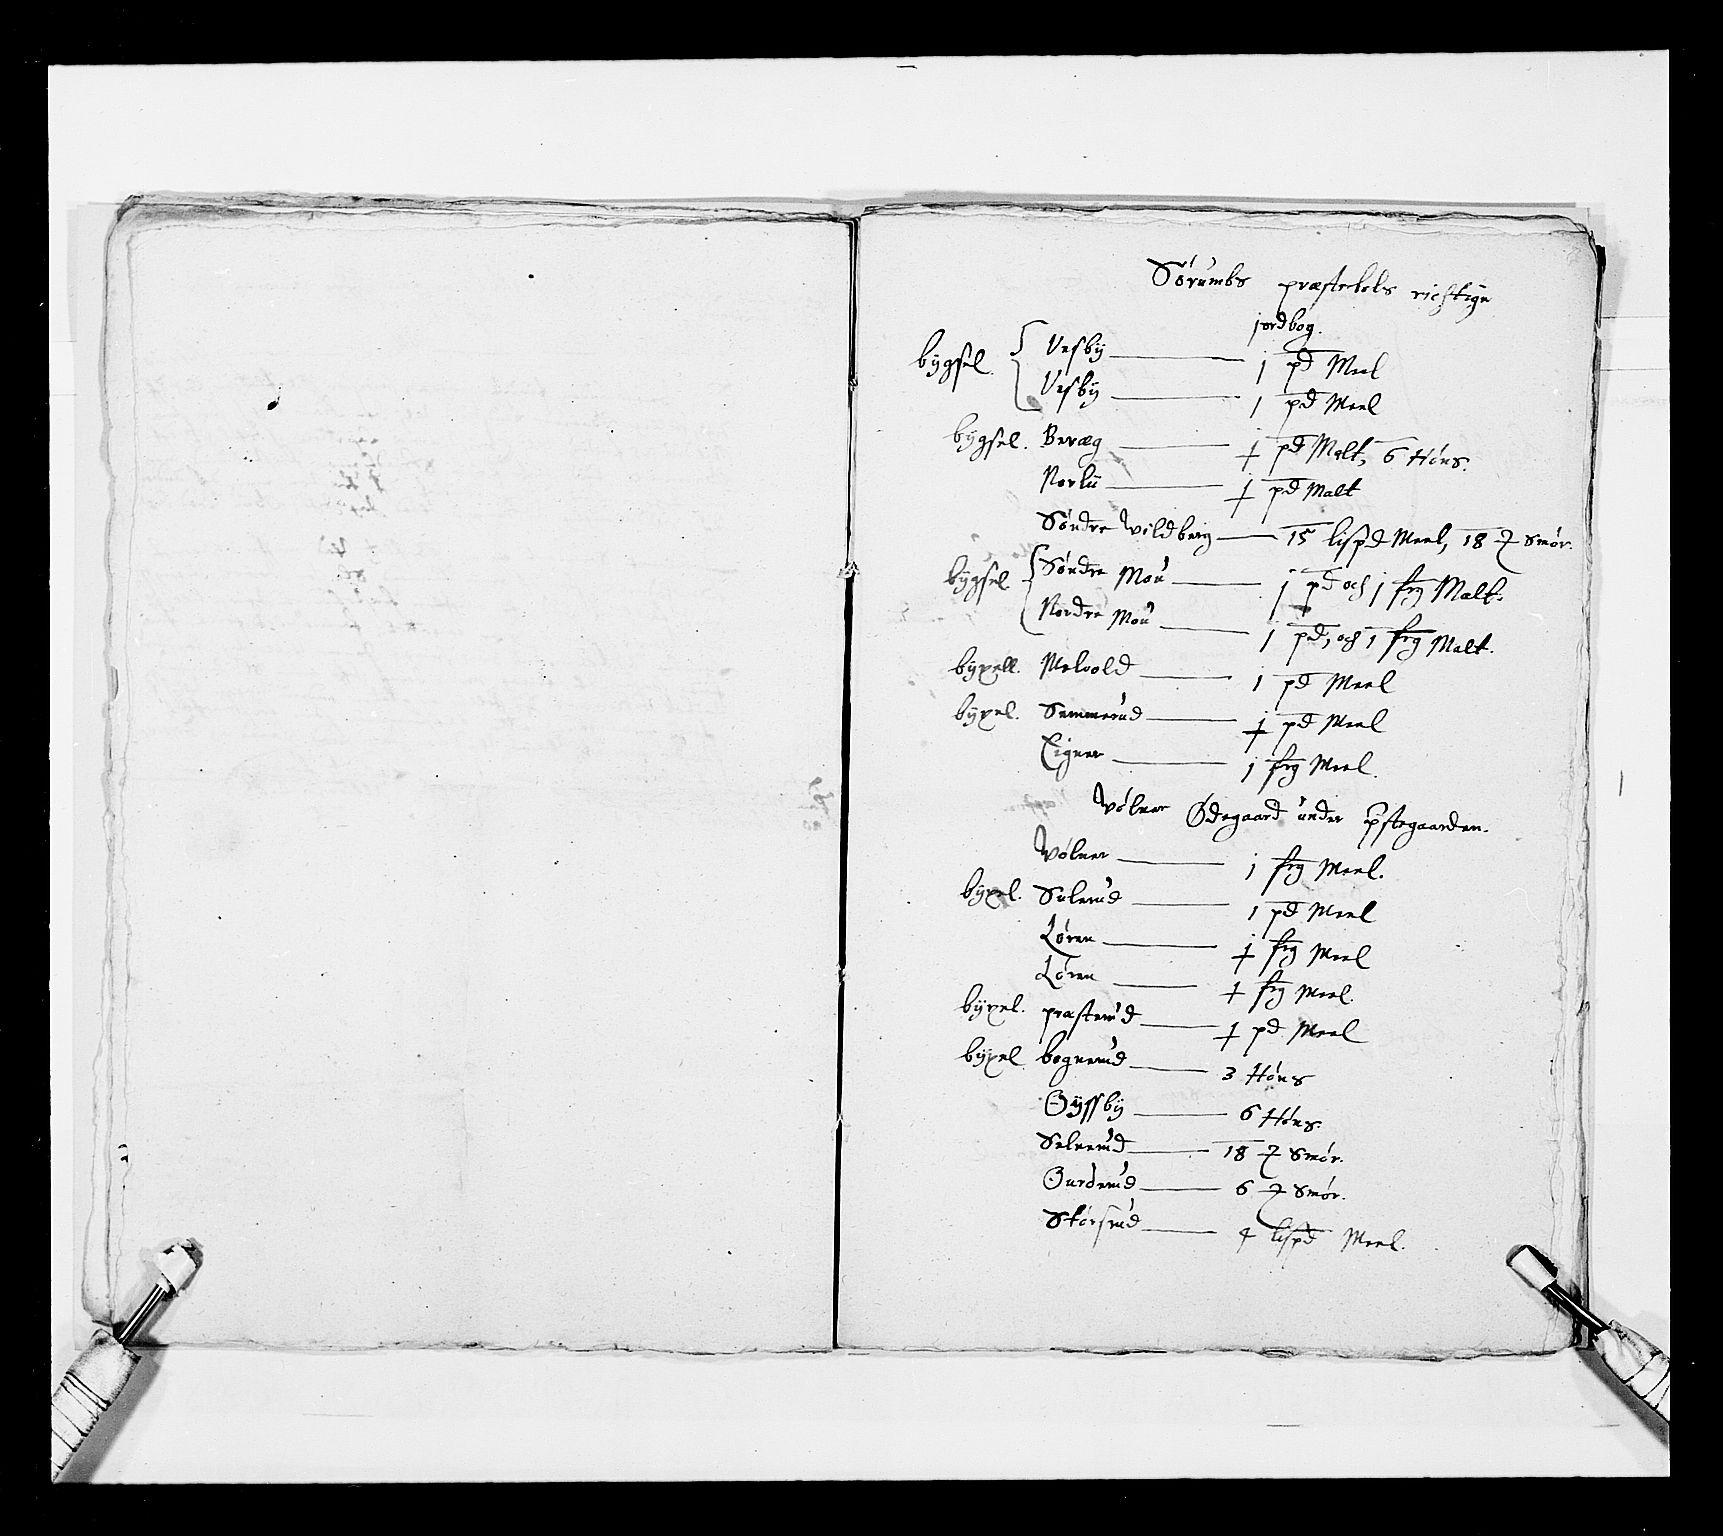 RA, Stattholderembetet 1572-1771, Ek/L0030: Jordebøker 1633-1658:, 1654, s. 206